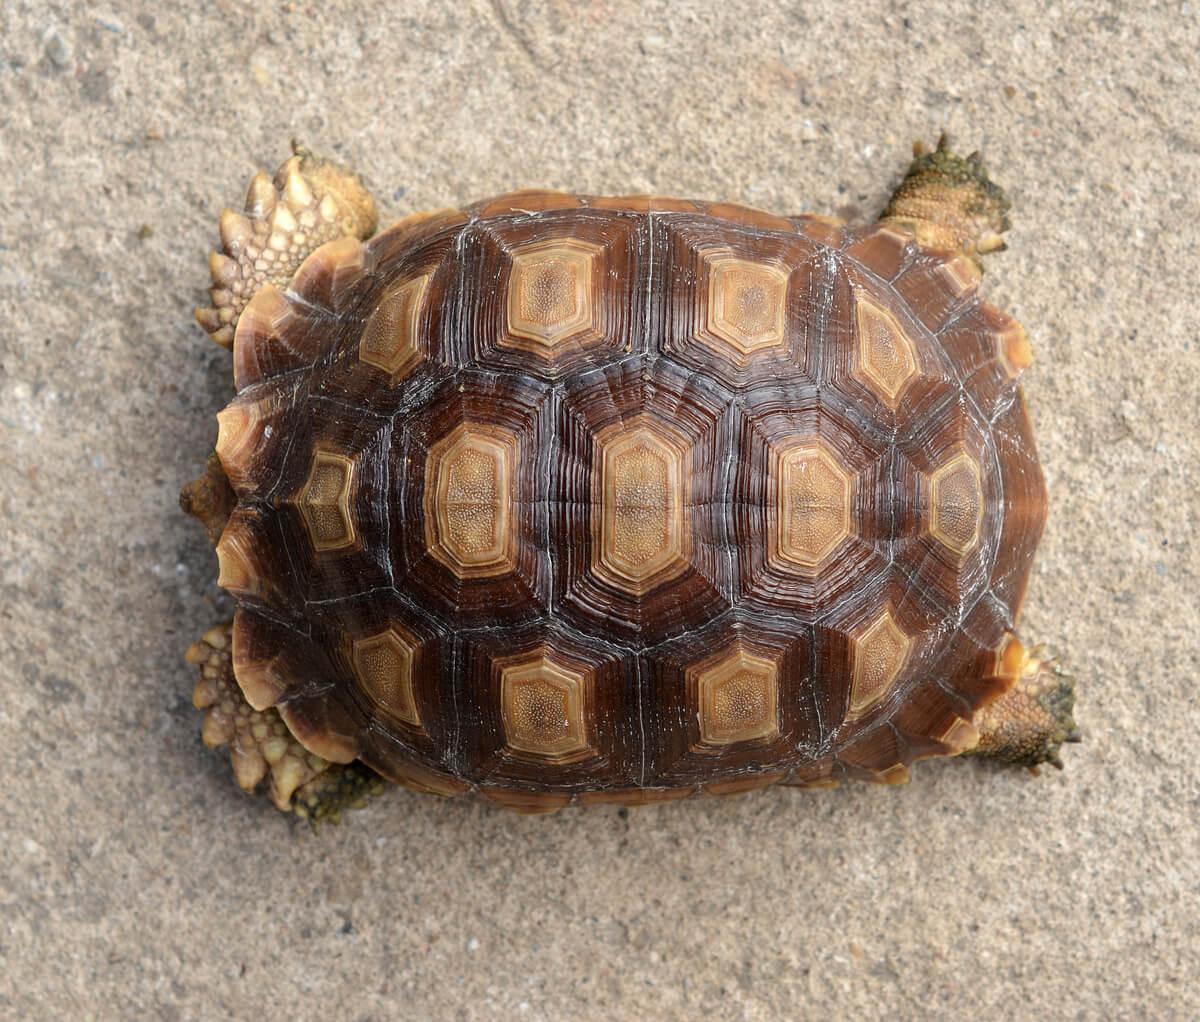 El caparazón de una tortuga.